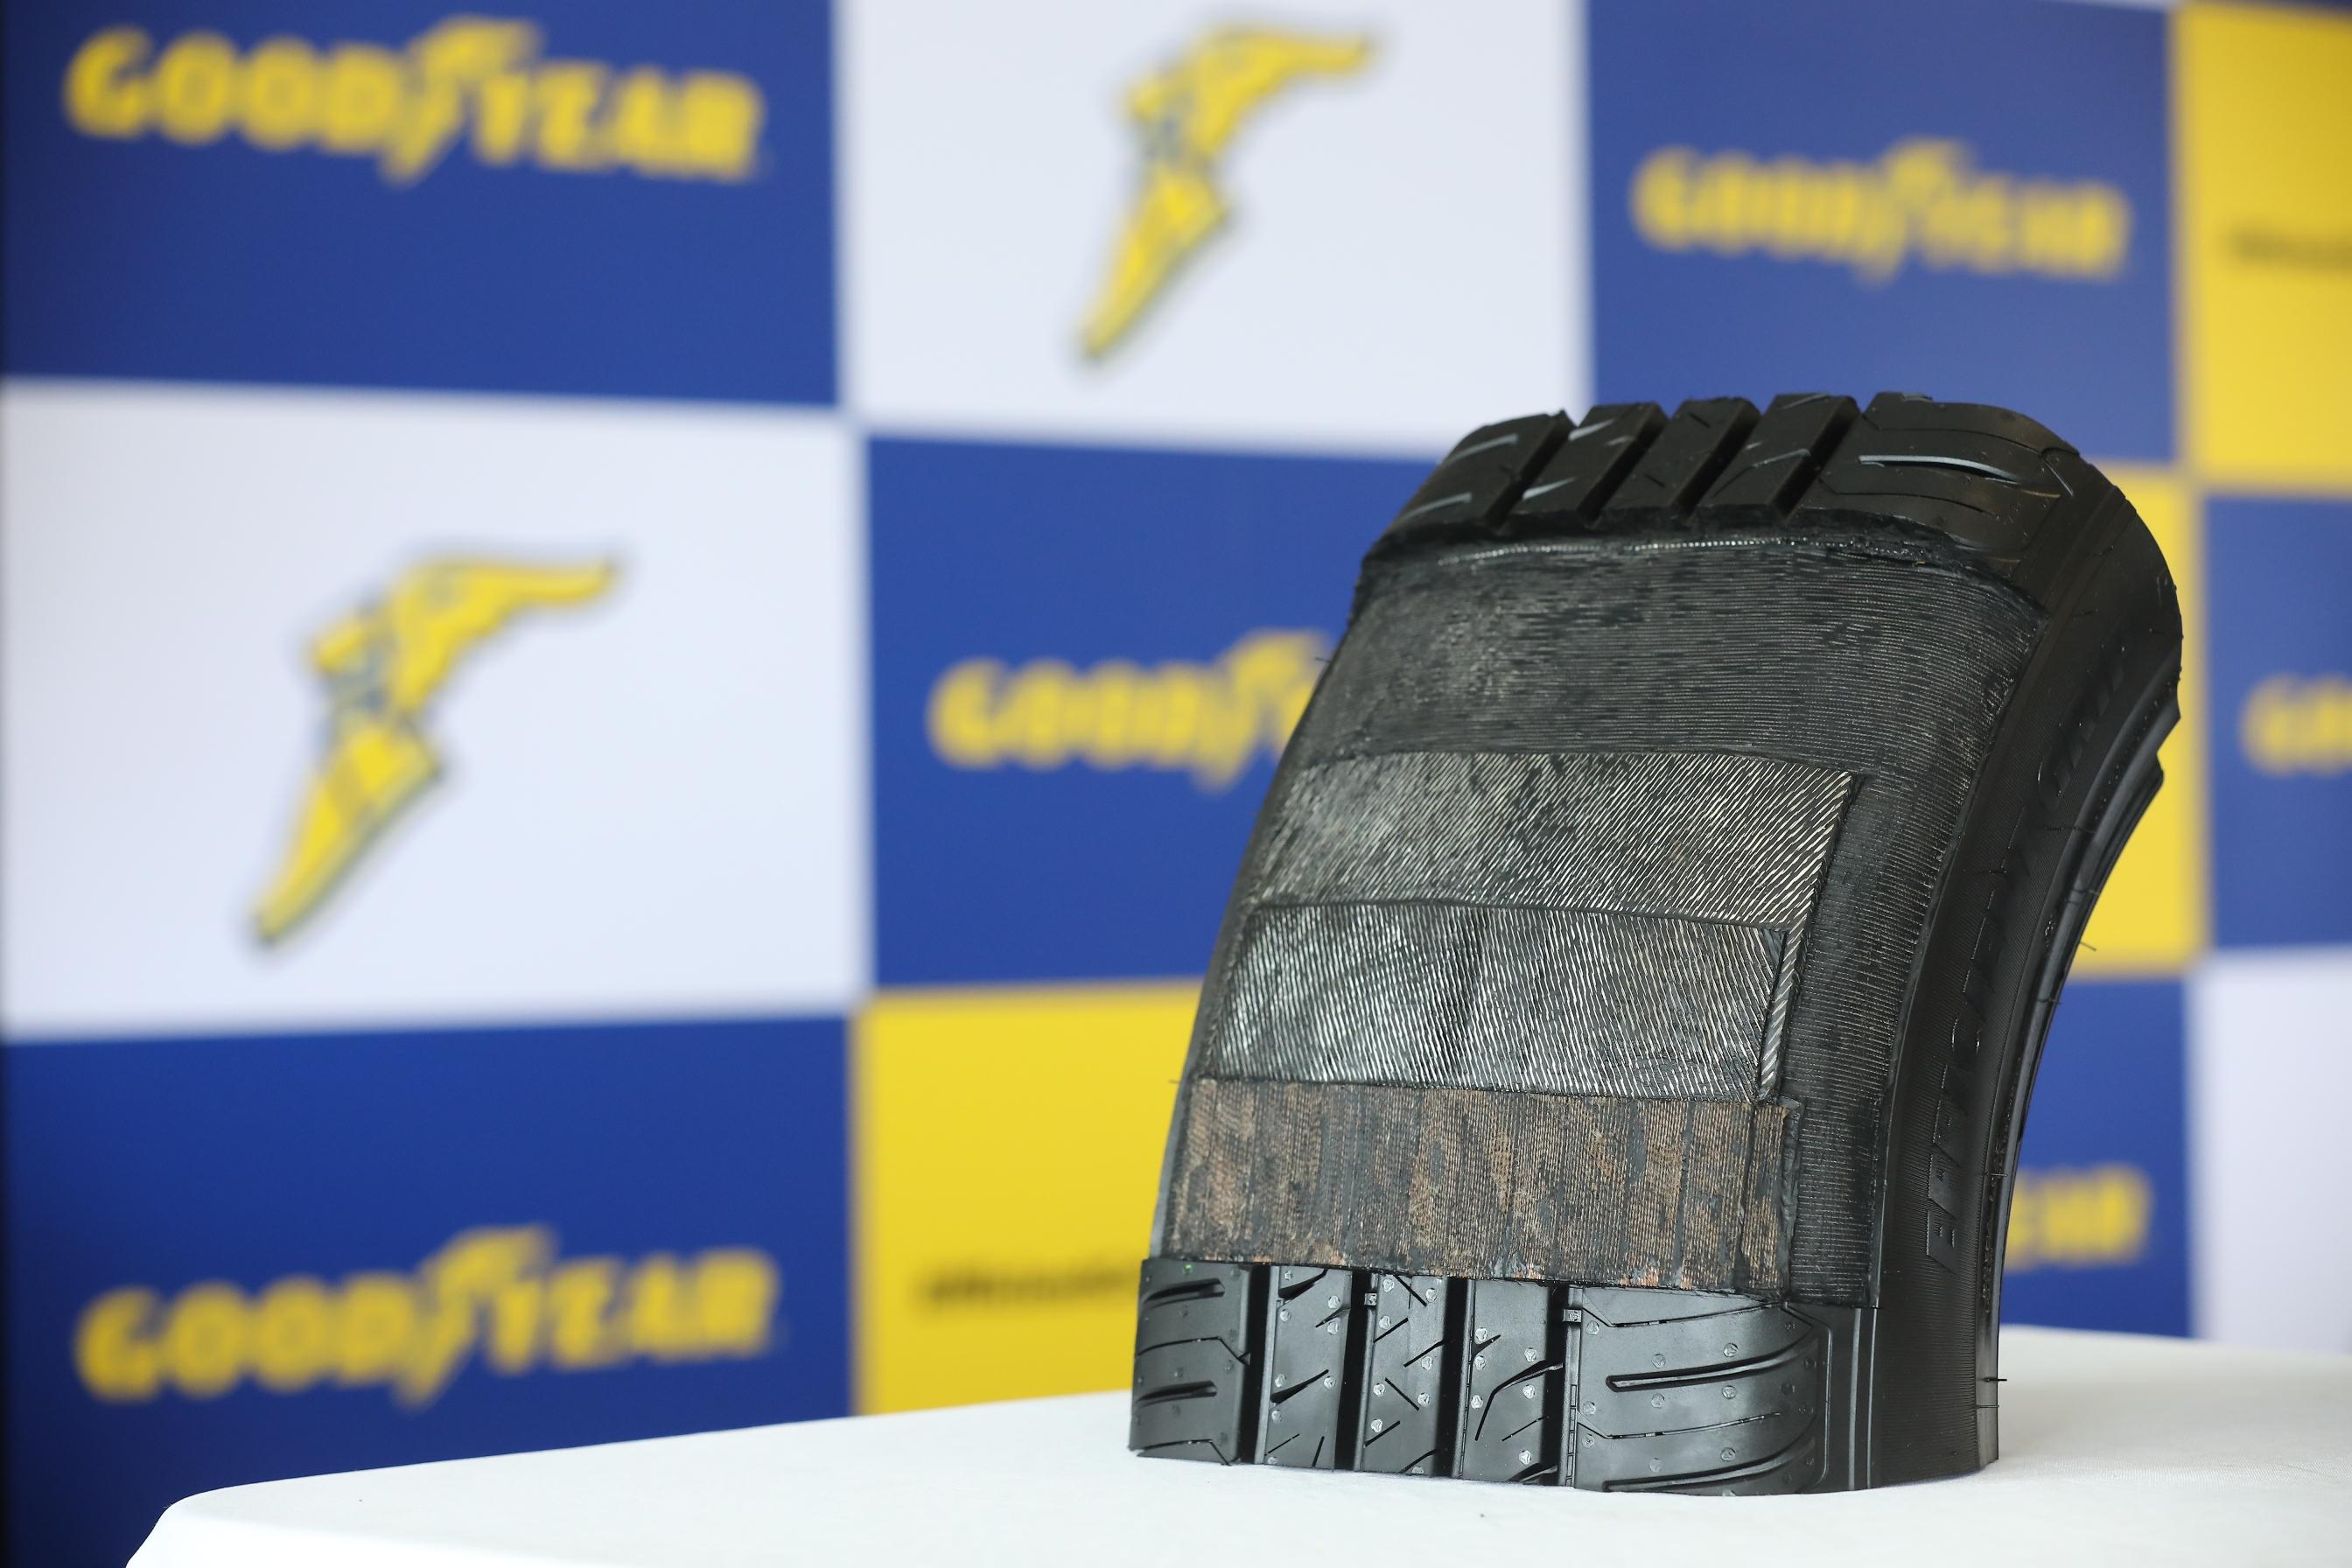 4 加厚胎面底膠及橡膠吸震條能有效減少震動,進而提供平穩順暢的駕乘體驗